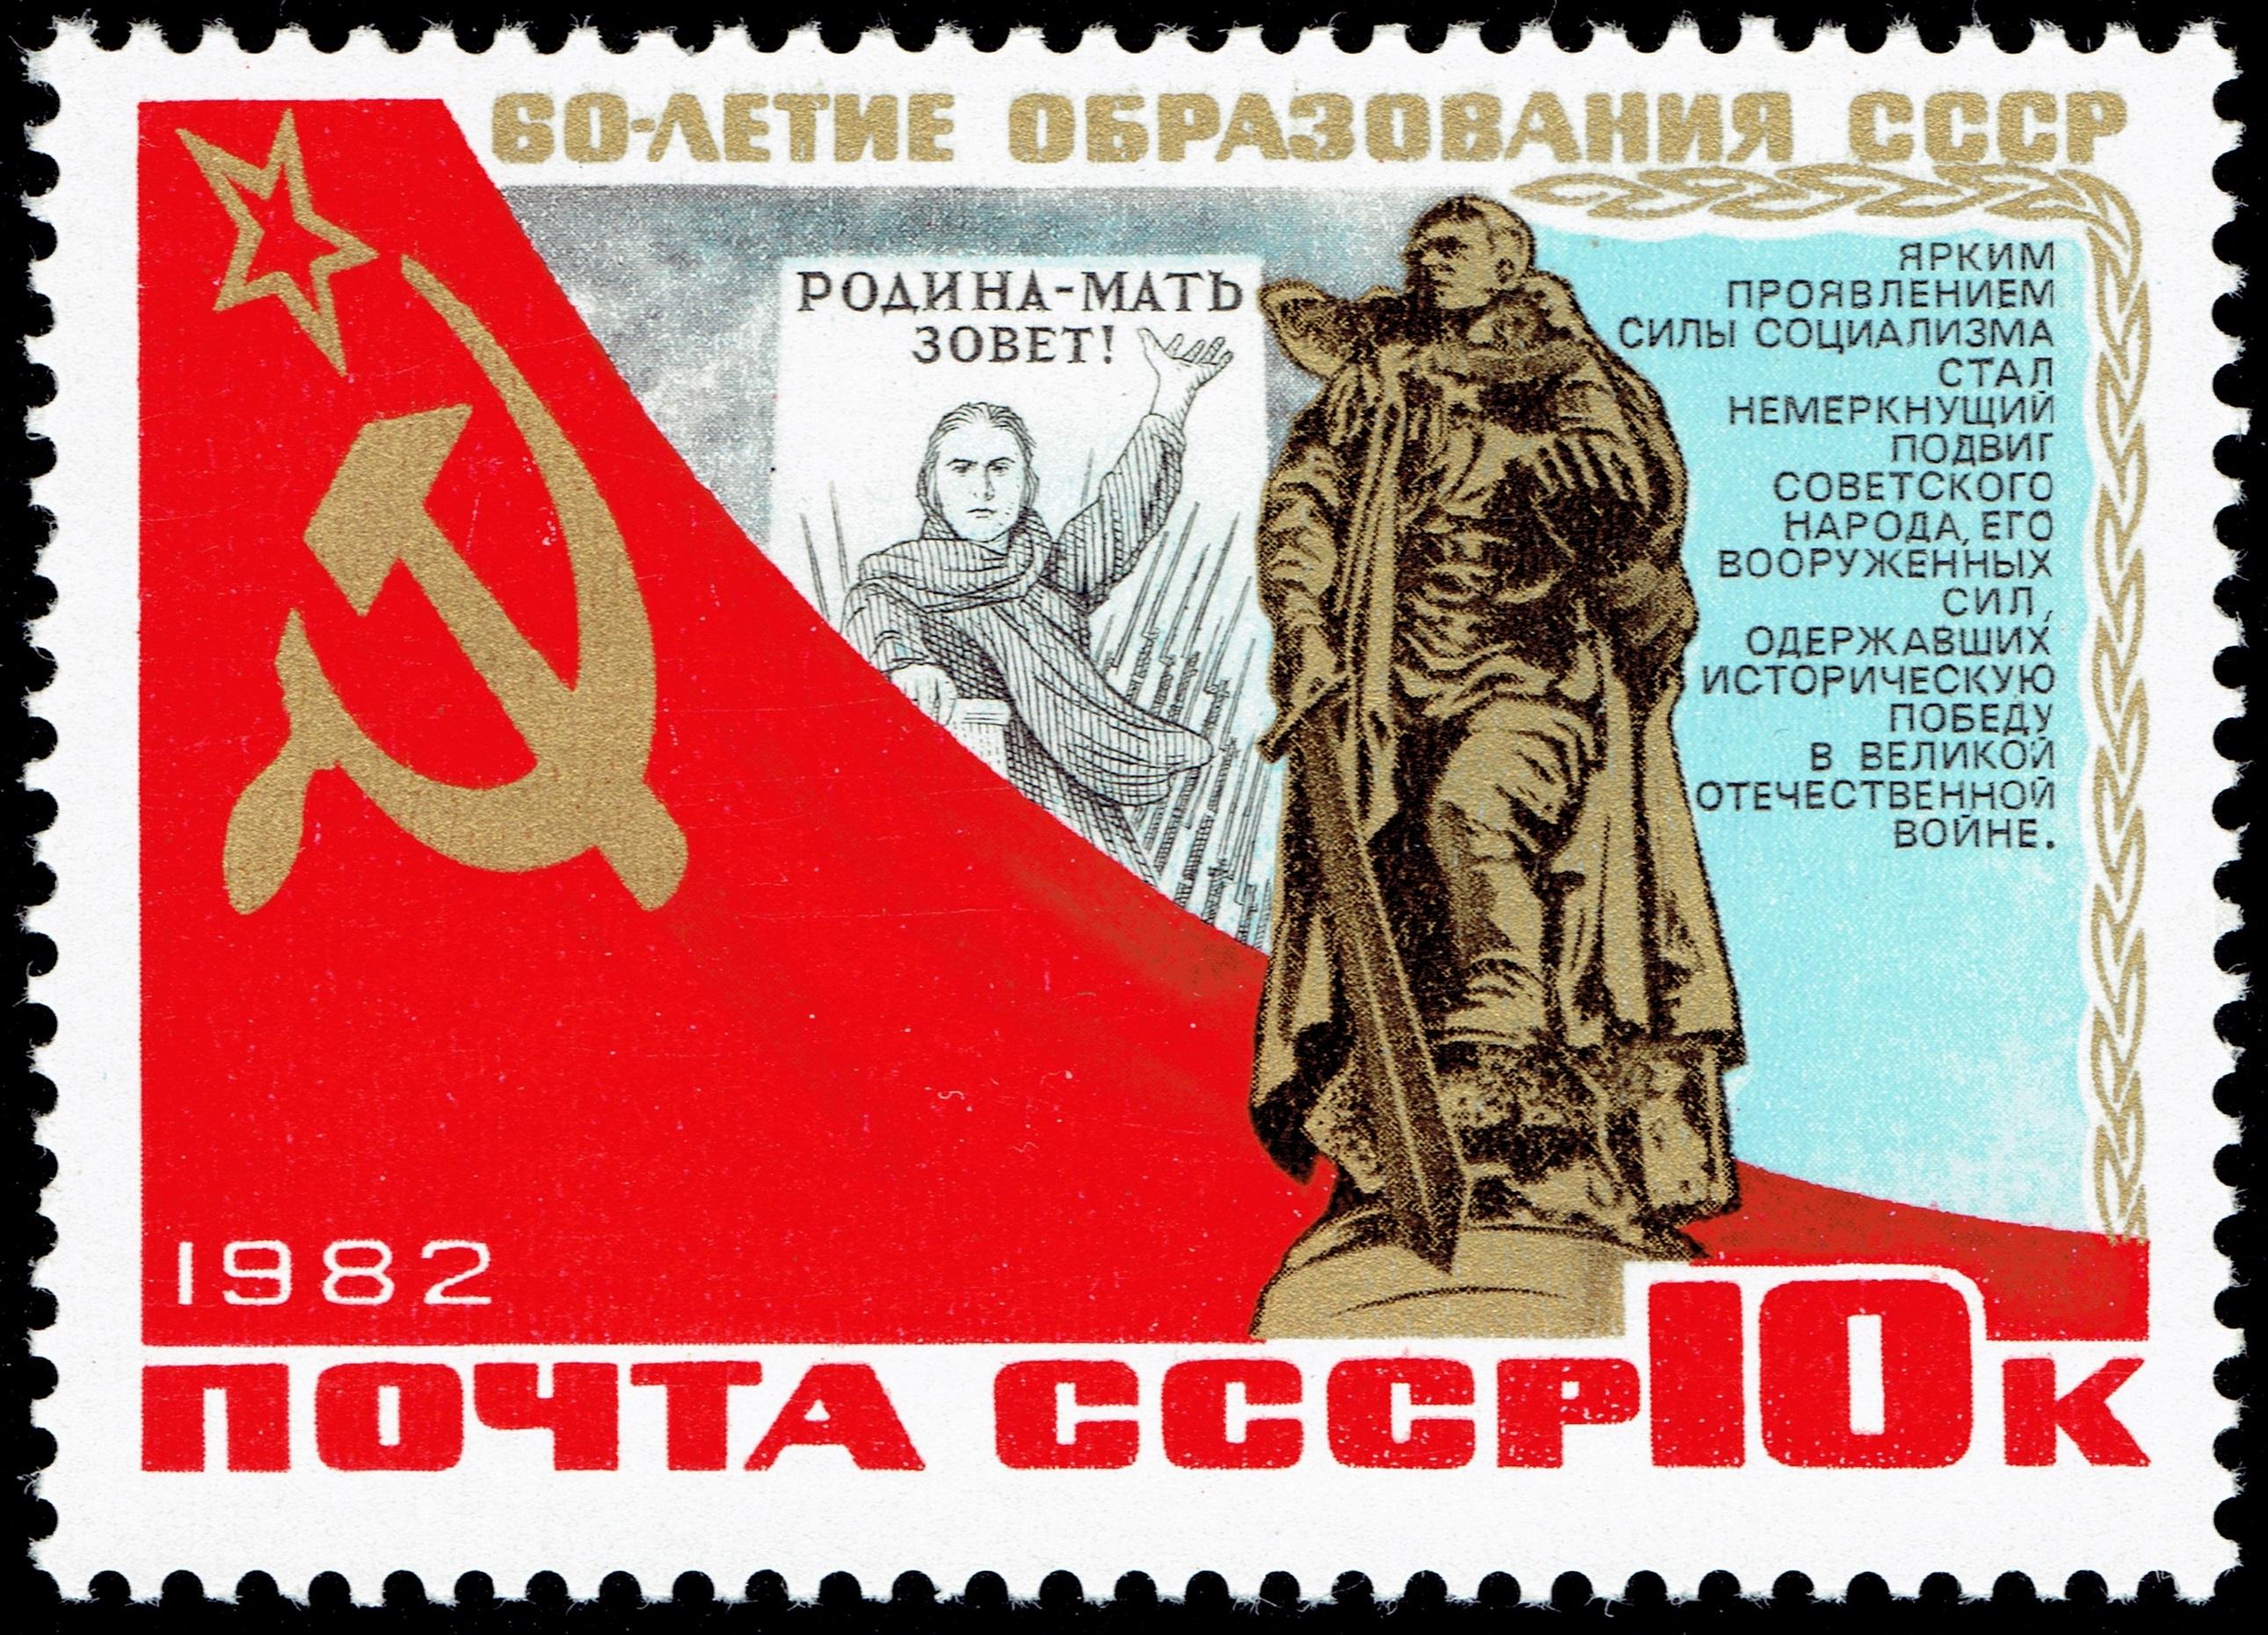 Union of Soviet Socialist Republics - Scott #5093 (1982): Soviet War Memorial, resistance poster